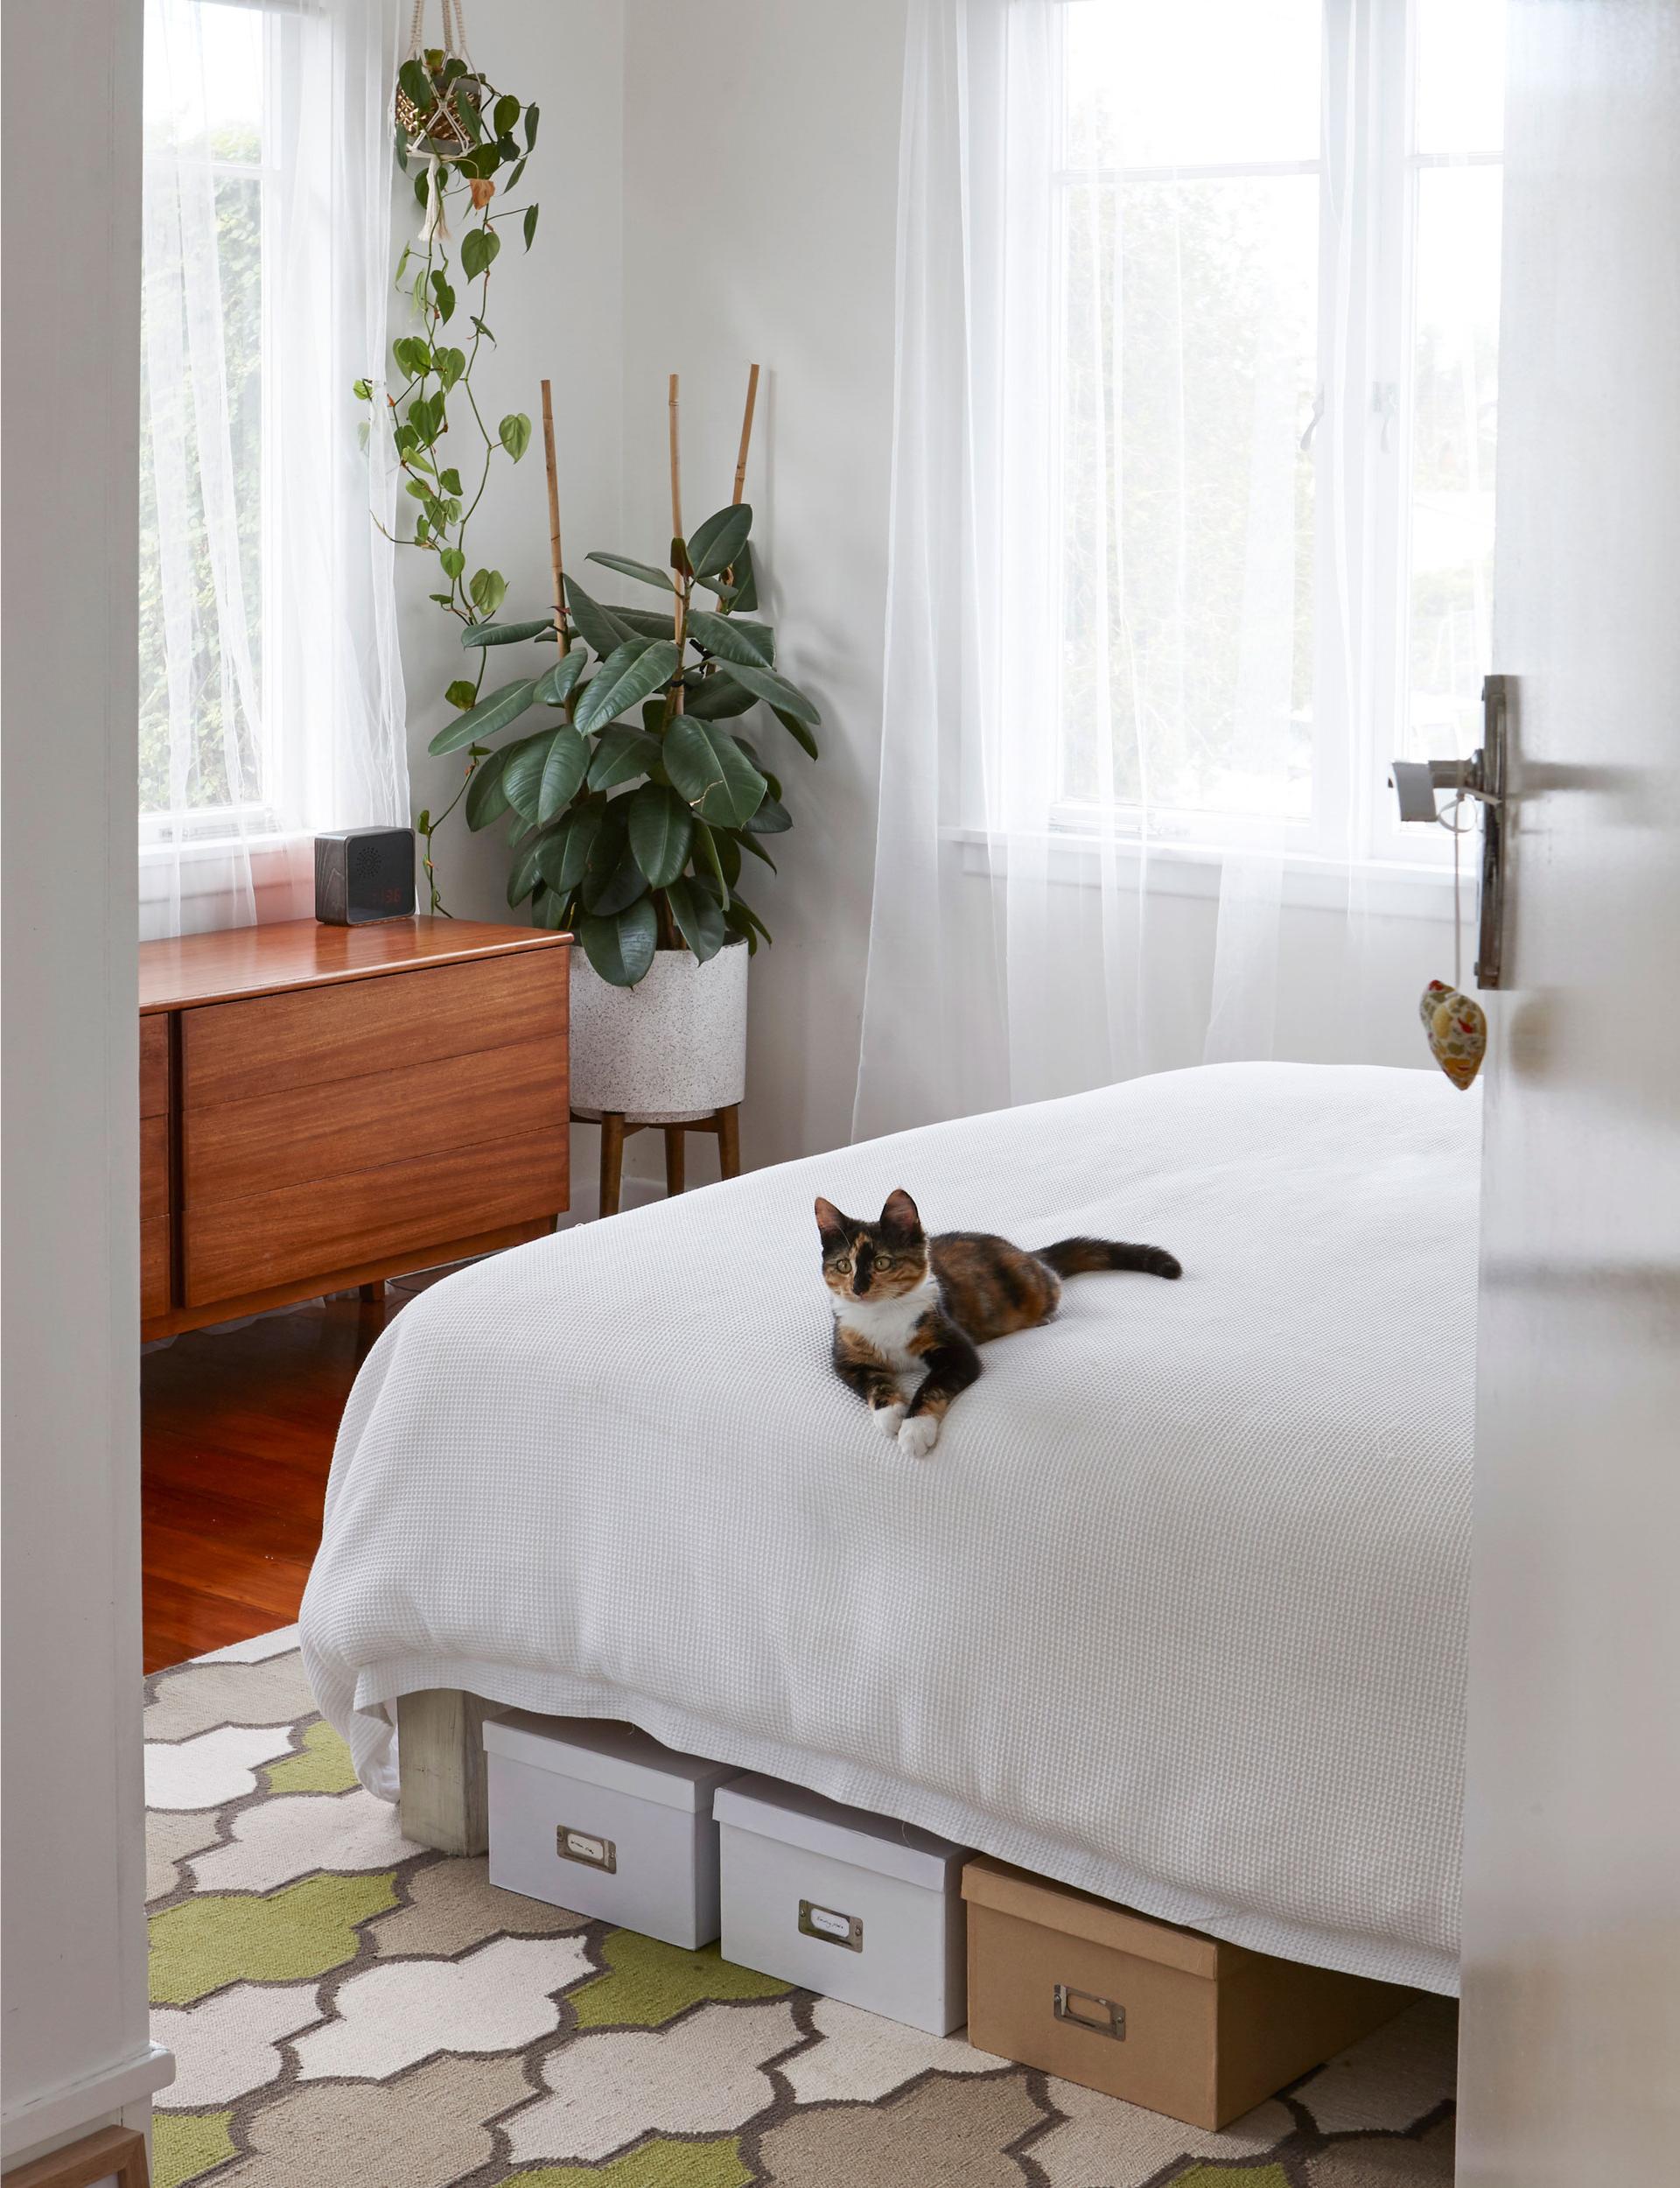 trang trí phòng ngủ nhỏ rộng rãi hơn